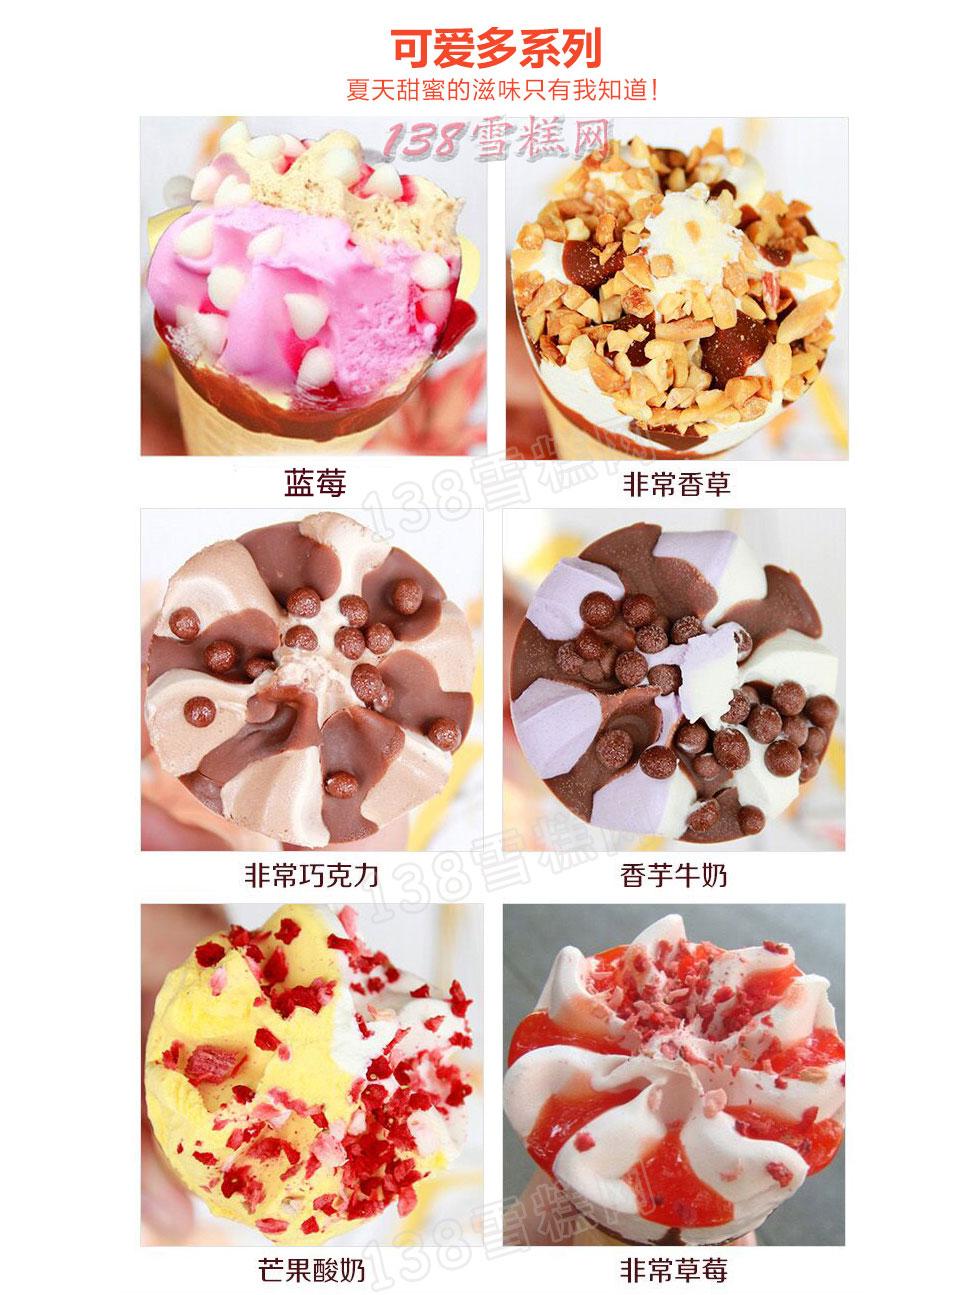 【商品名称】:和路雪非常可爱多甜筒草莓口味冰淇淋 【规格】:67g*24支*1箱 【口味选择】:草莓味、香草味、巧克力味、香芋味、芒果味、海盐焦糖味 【条形码】:6909493400141 【原料与配料】:饮用水、甜筒(面粉,白砂糖,植物油,玉米淀粉,磷脂,焦糖色,胭脂树橙,食用盐)巧克力味曲奇粒,麦芽糊精,可可粉,乳清粉,食品添加剂, (单甘油脂肪酸脂,鳞脂,卡拉胶,刺魁豆胶,食用香精 乳化剂,增稠剂,食用香精,β-胡萝卜素。)草莓浓缩汁,干草莓粒 【储存条件】:-22以下 【保质期】:18个